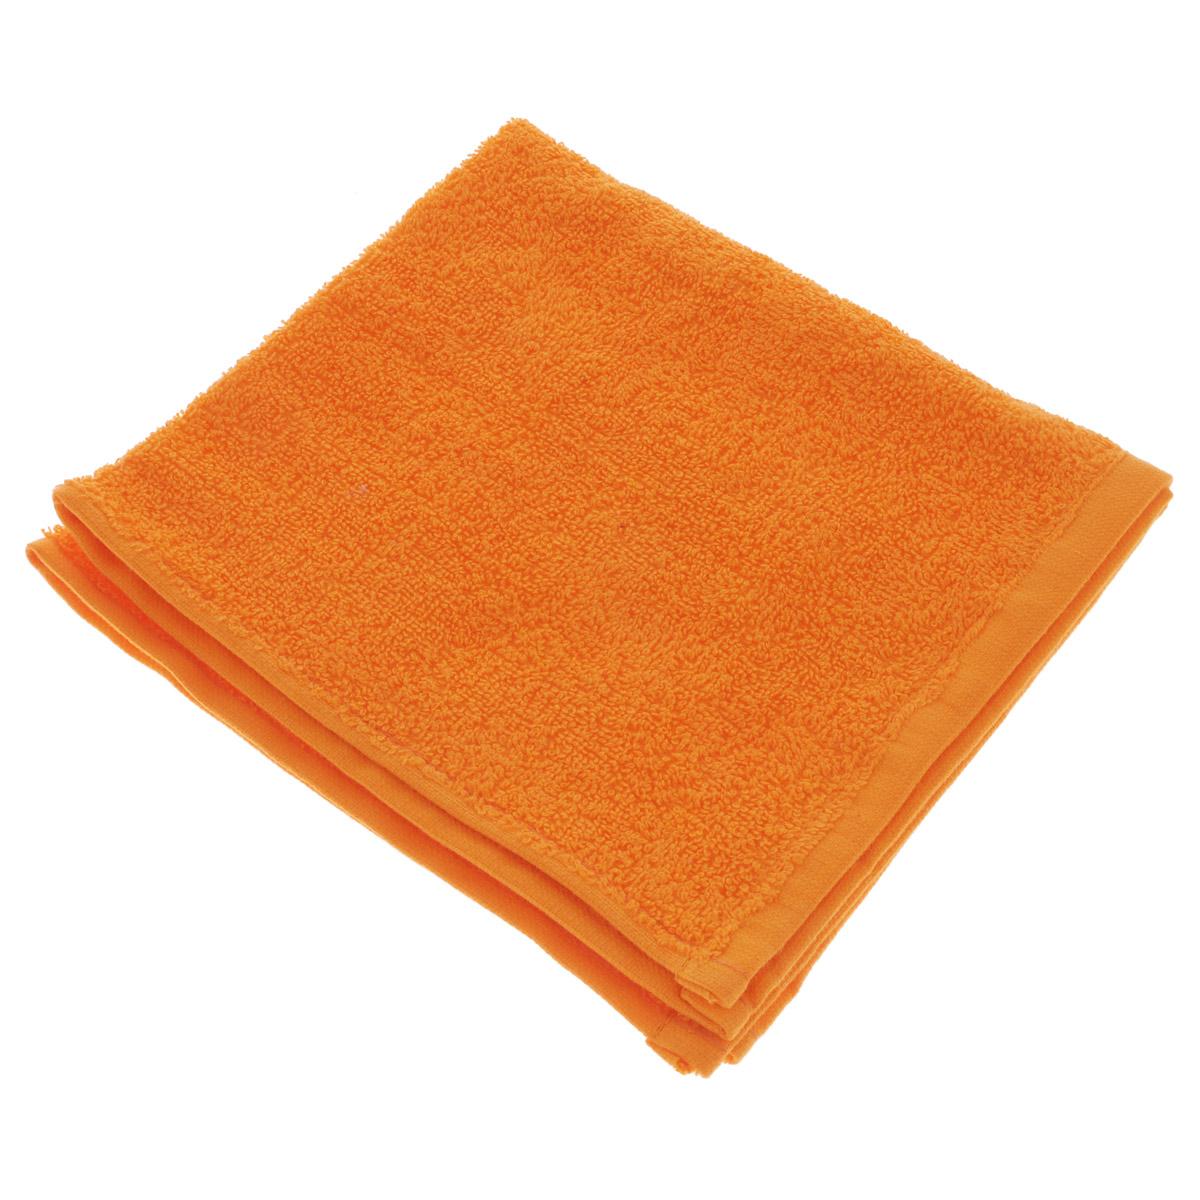 Полотенце махровое Osborn Textile, цвет: оранжевый, 40 х 40 см68/5/4В состав полотенца Osborn Textile входит только натуральное волокно - хлопок. Такое полотенце будет незаменимо в вашем быту. Оно создаст прекрасное настроение не только в ванной комнате, но и в кухне. Изделие прекрасно впитывает влагу и быстро сохнет. При соблюдении рекомендаций по уходу не линяет и не теряет форму даже после многократных стирок. Плотность: 400 г/м2.